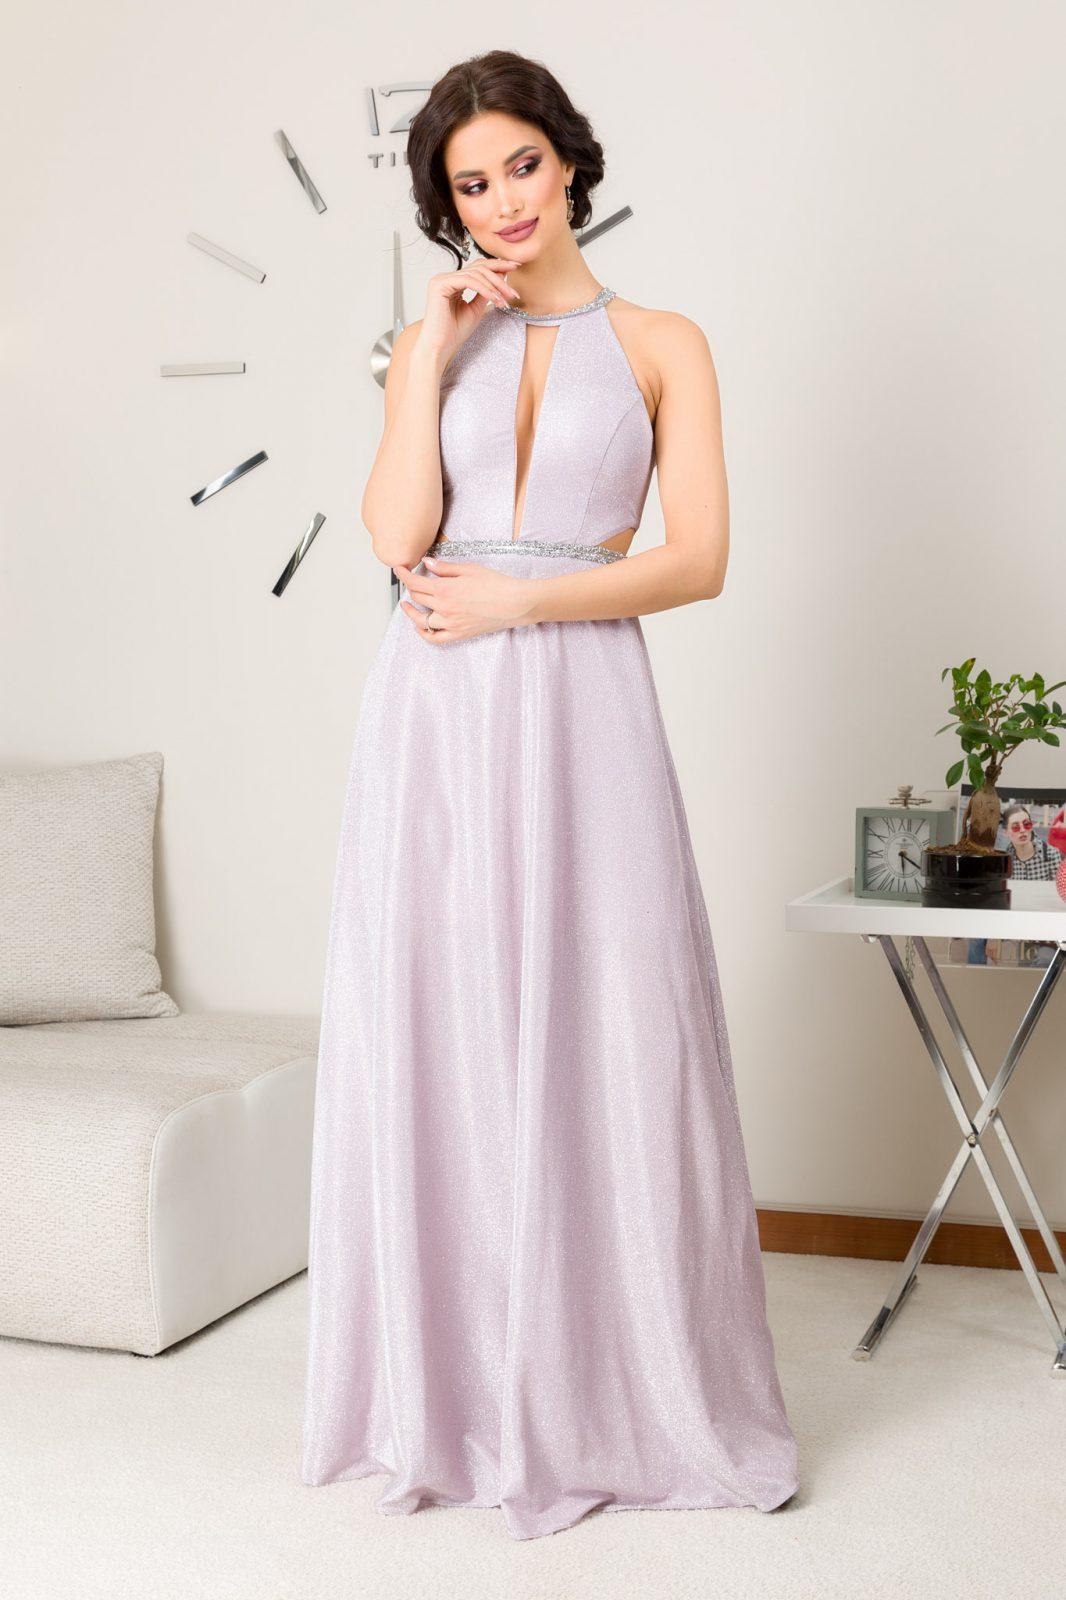 Belinda Rose Dress